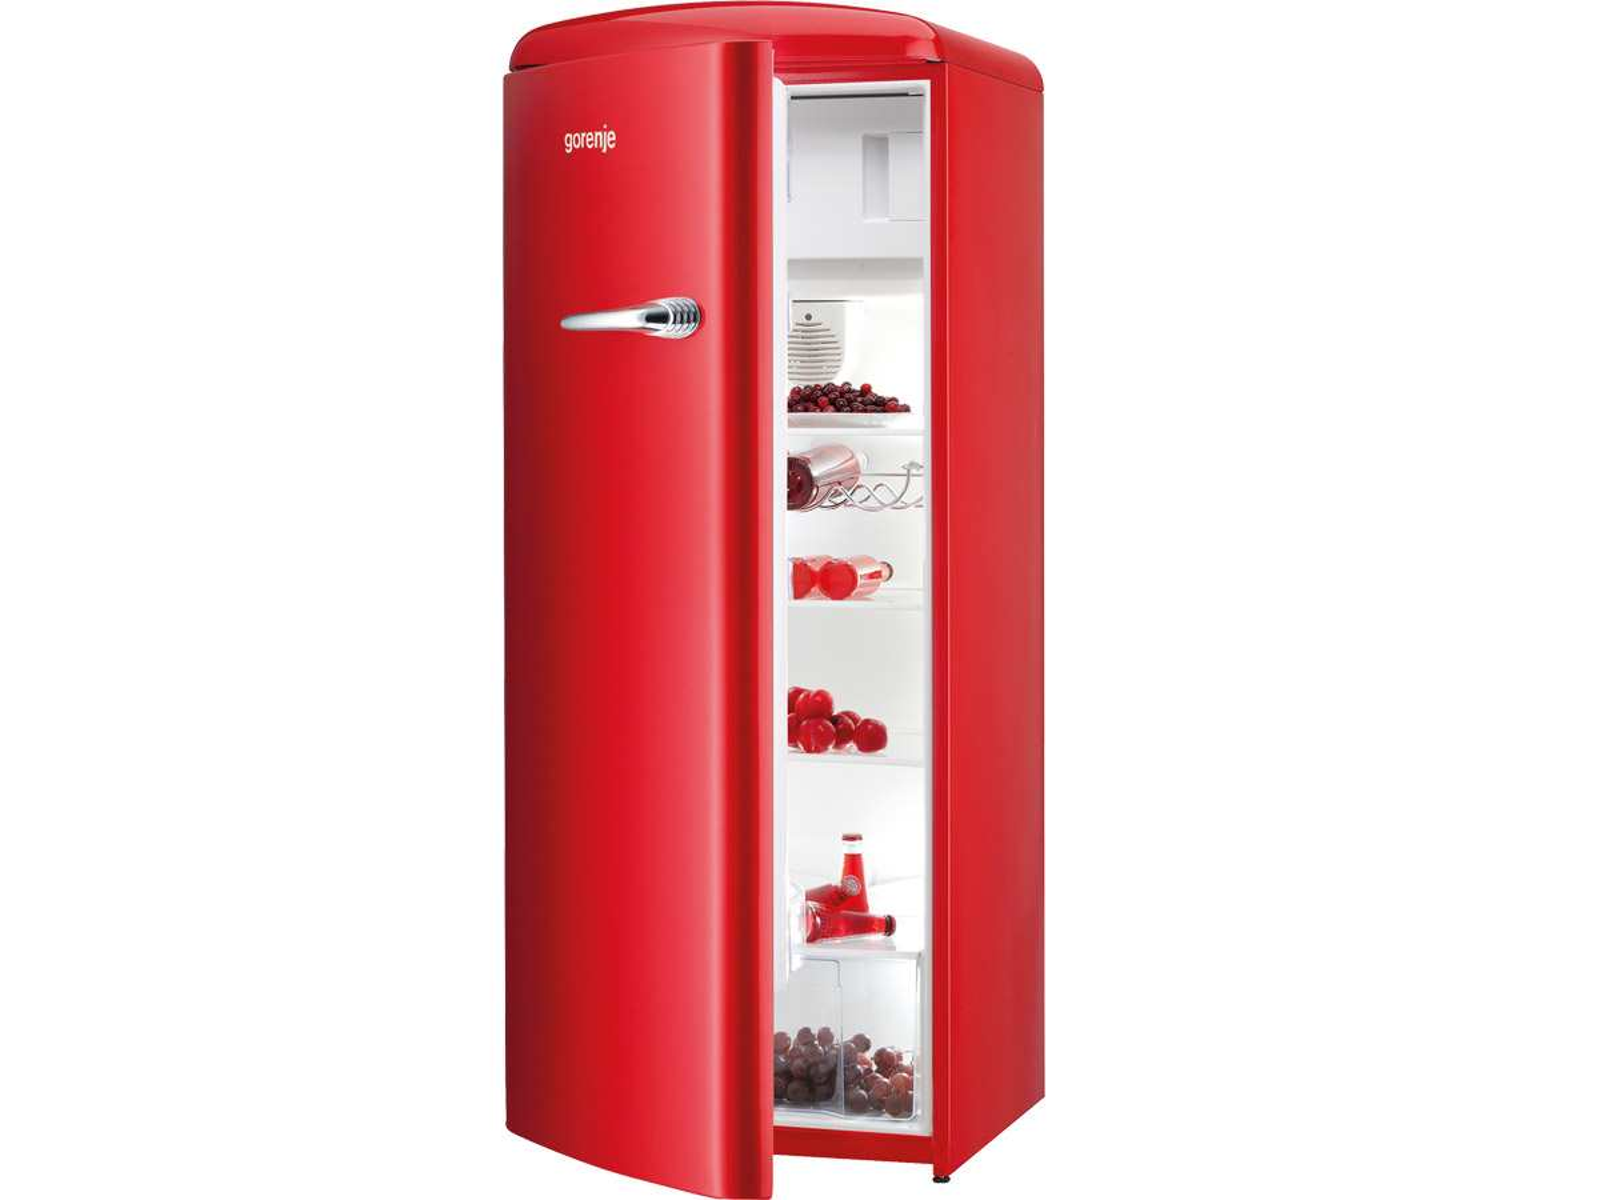 gorenje rb 60299 ord l standk hlschrank rot gefrierfach. Black Bedroom Furniture Sets. Home Design Ideas